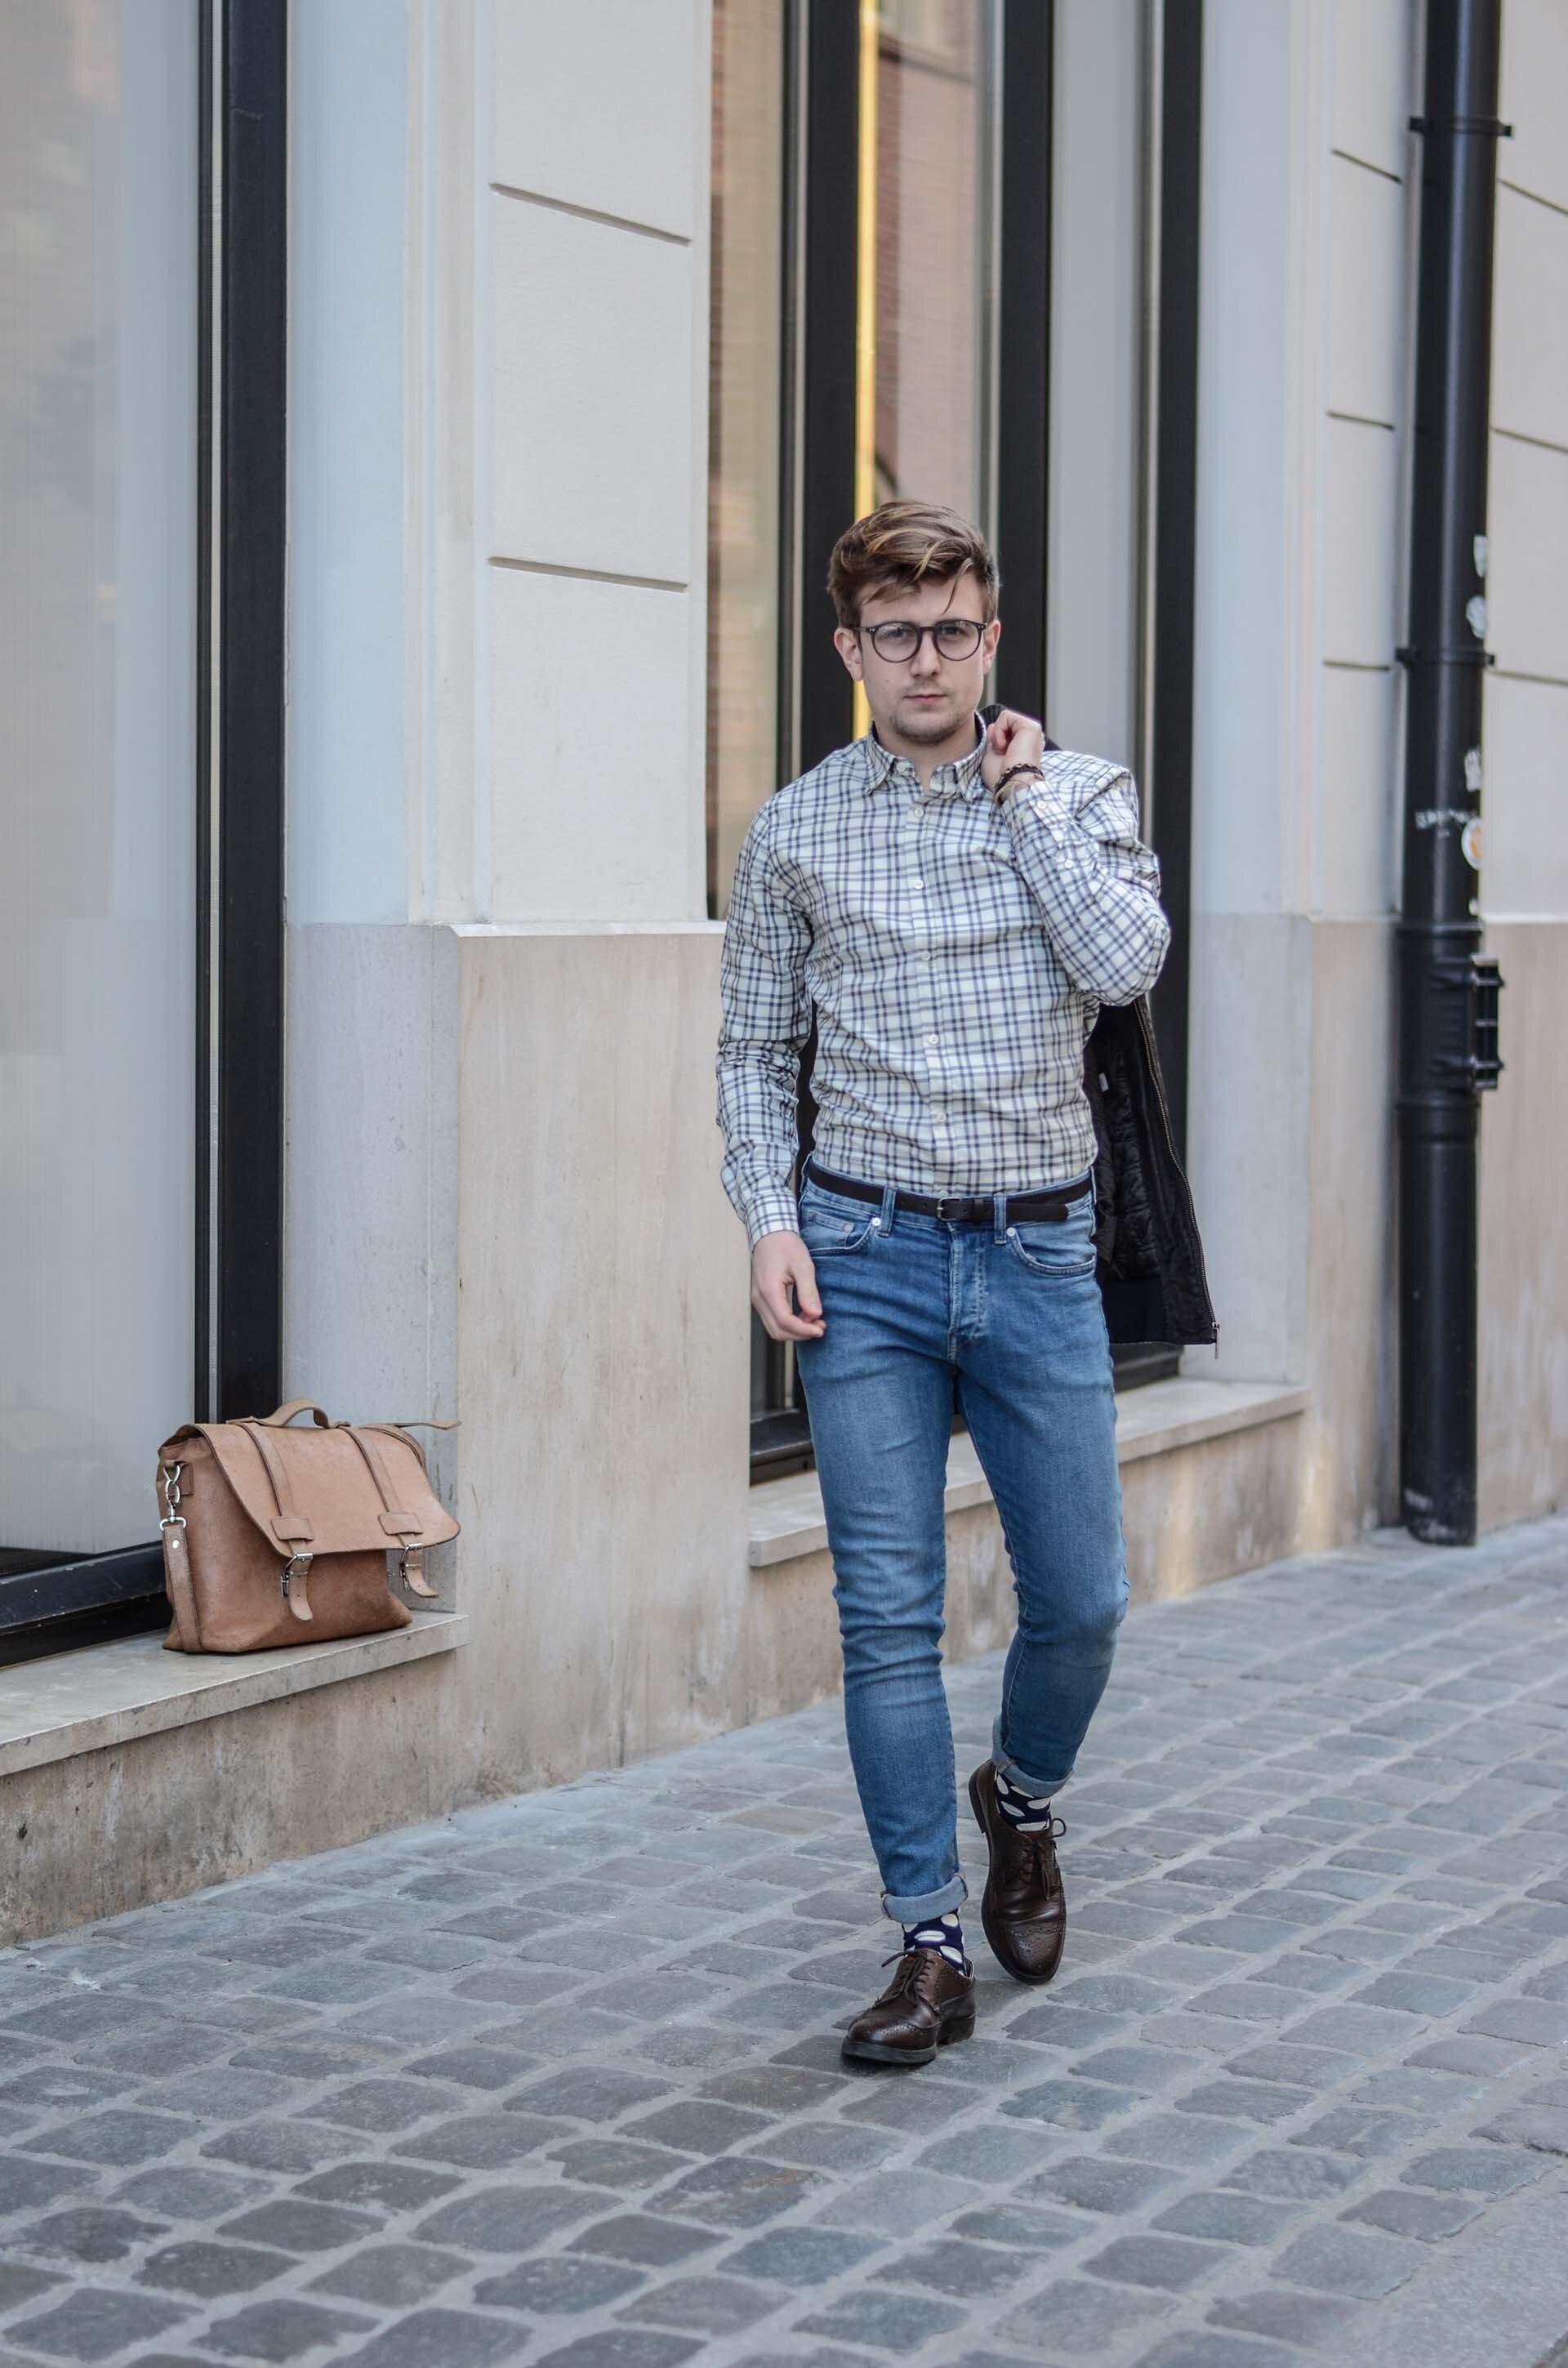 Koszula w kratę męska button-down, Torba listonoszka, Męskiej jeansy, Skarpety Happy Socks męskie